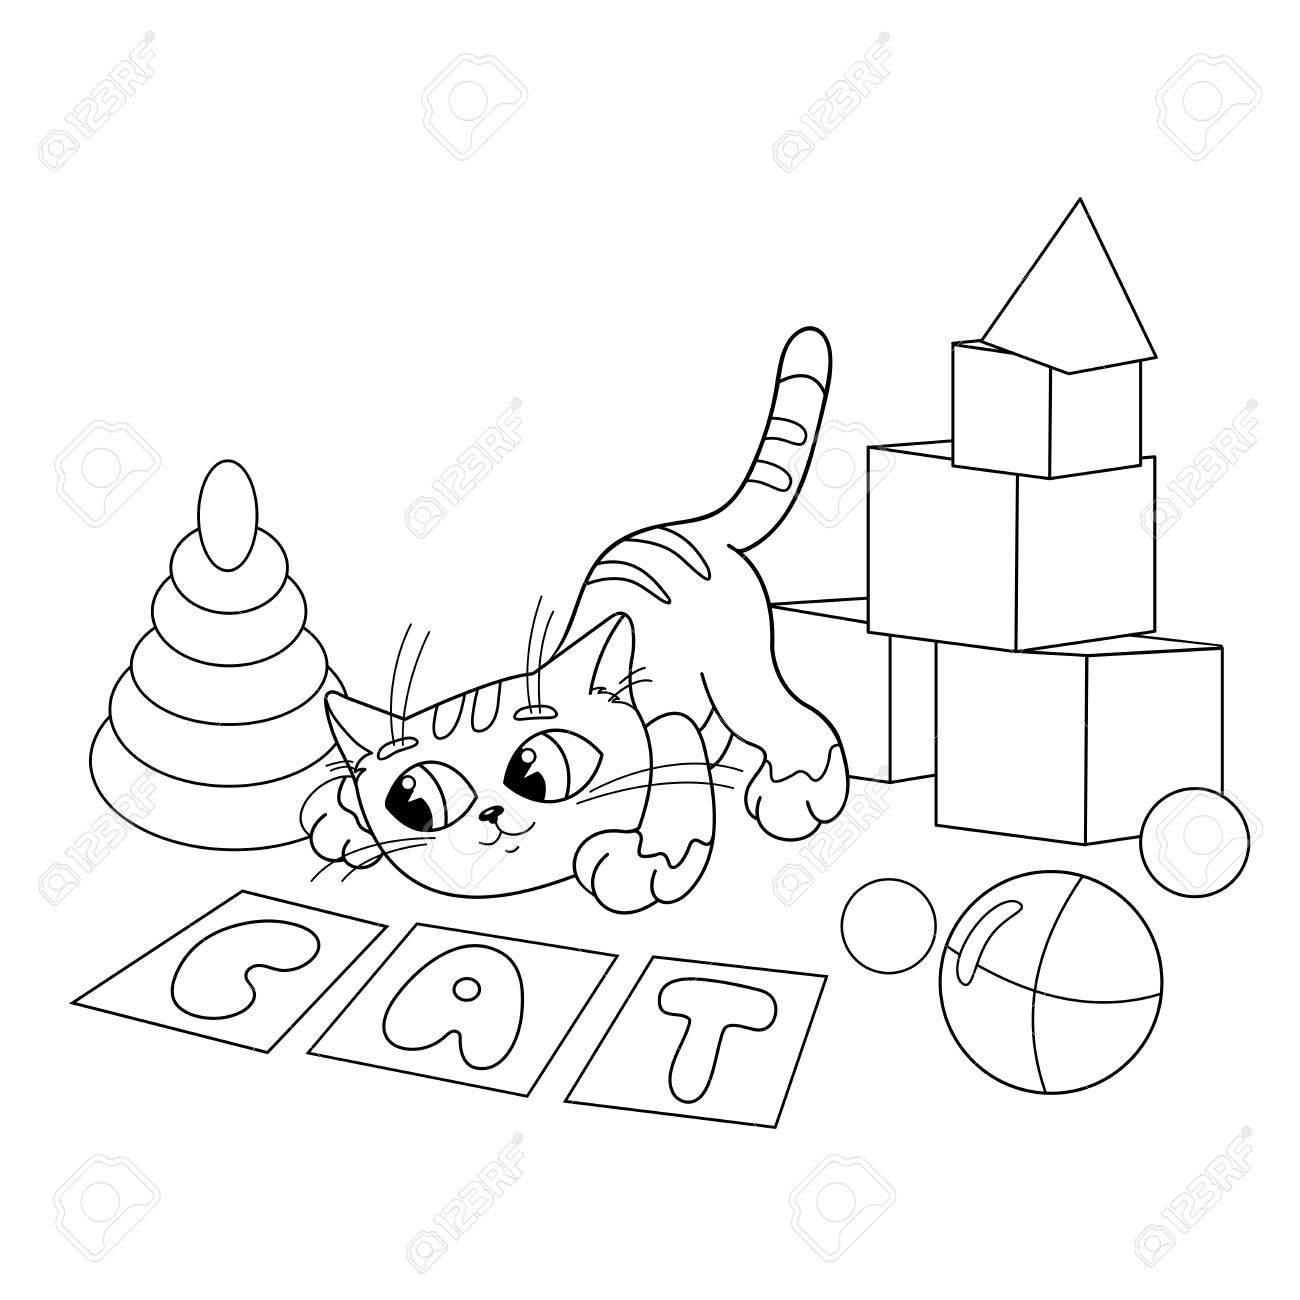 ぬりえページ概要の漫画猫おもちゃで遊んでいます子供のための塗り絵の